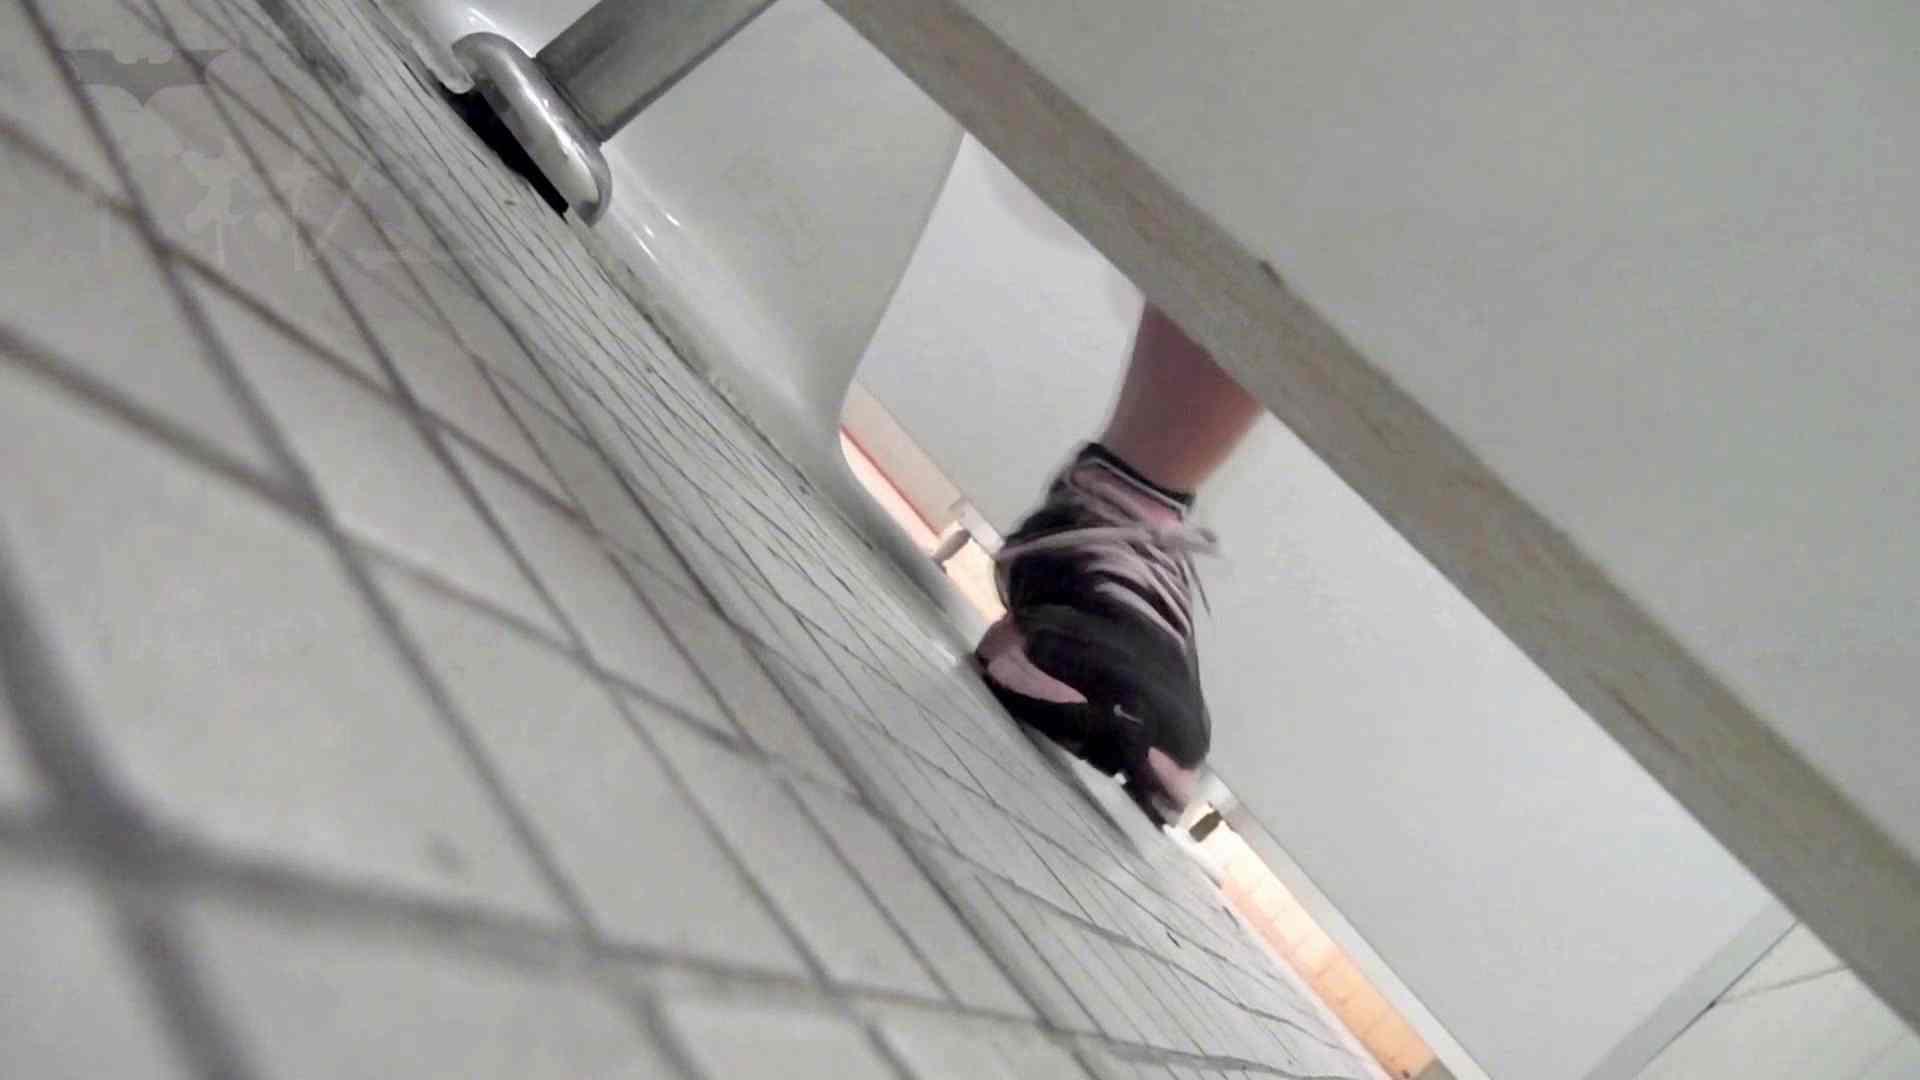 第三体育館潜入撮File015 「進化」の最後に登場した美人がついに入室! 排泄 おまんこ動画流出 25連発 22